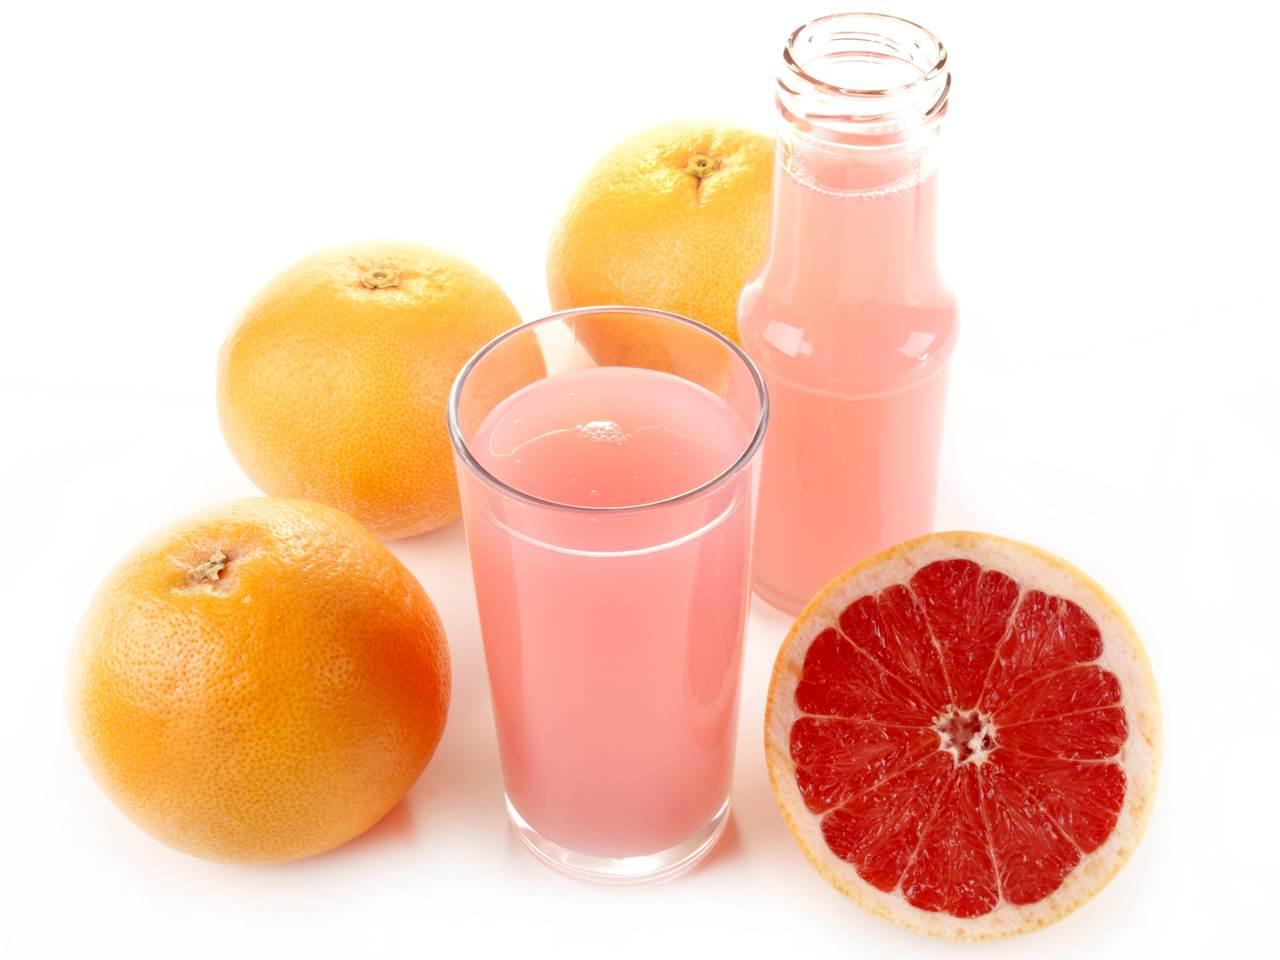 cialis and grapefruit juice